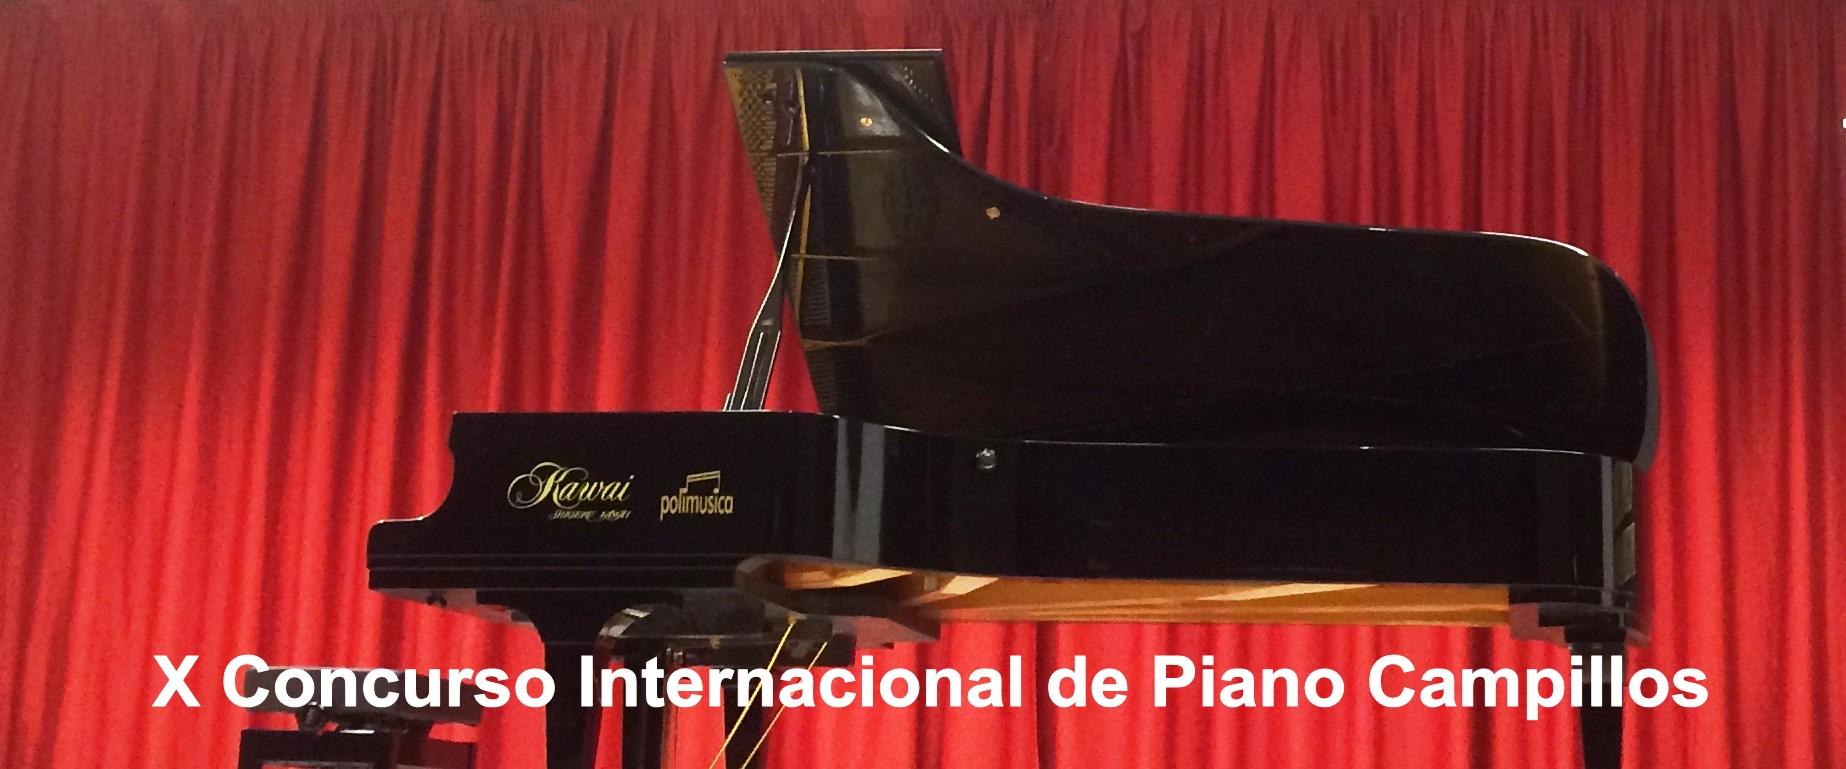 concurso internacional piano